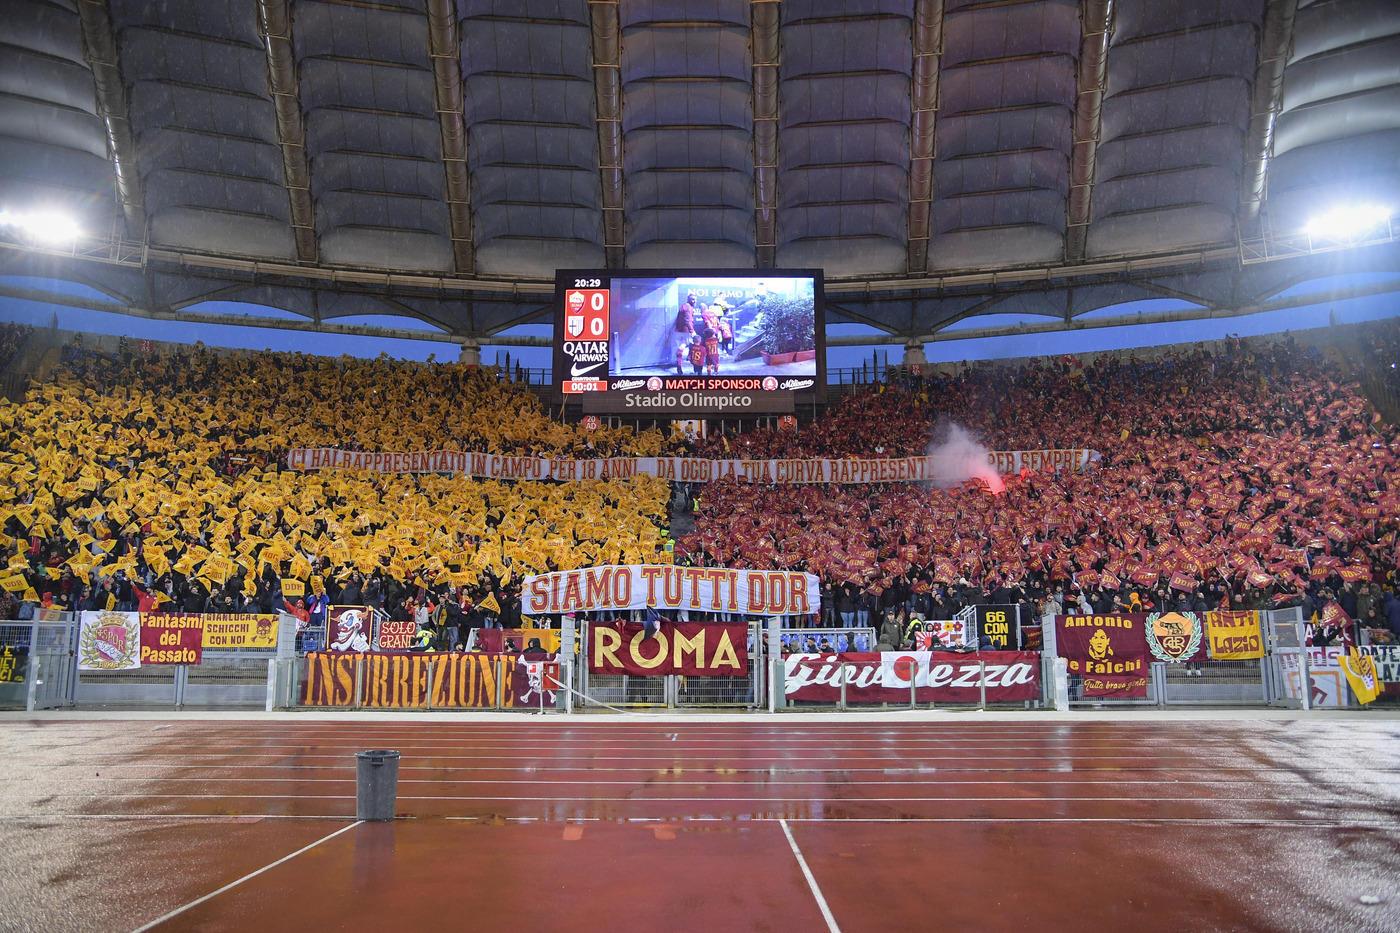 Migliaia di bandierine gialle e rosse che sventolano in aria e poi un lunghissimo striscione con sopra scritto